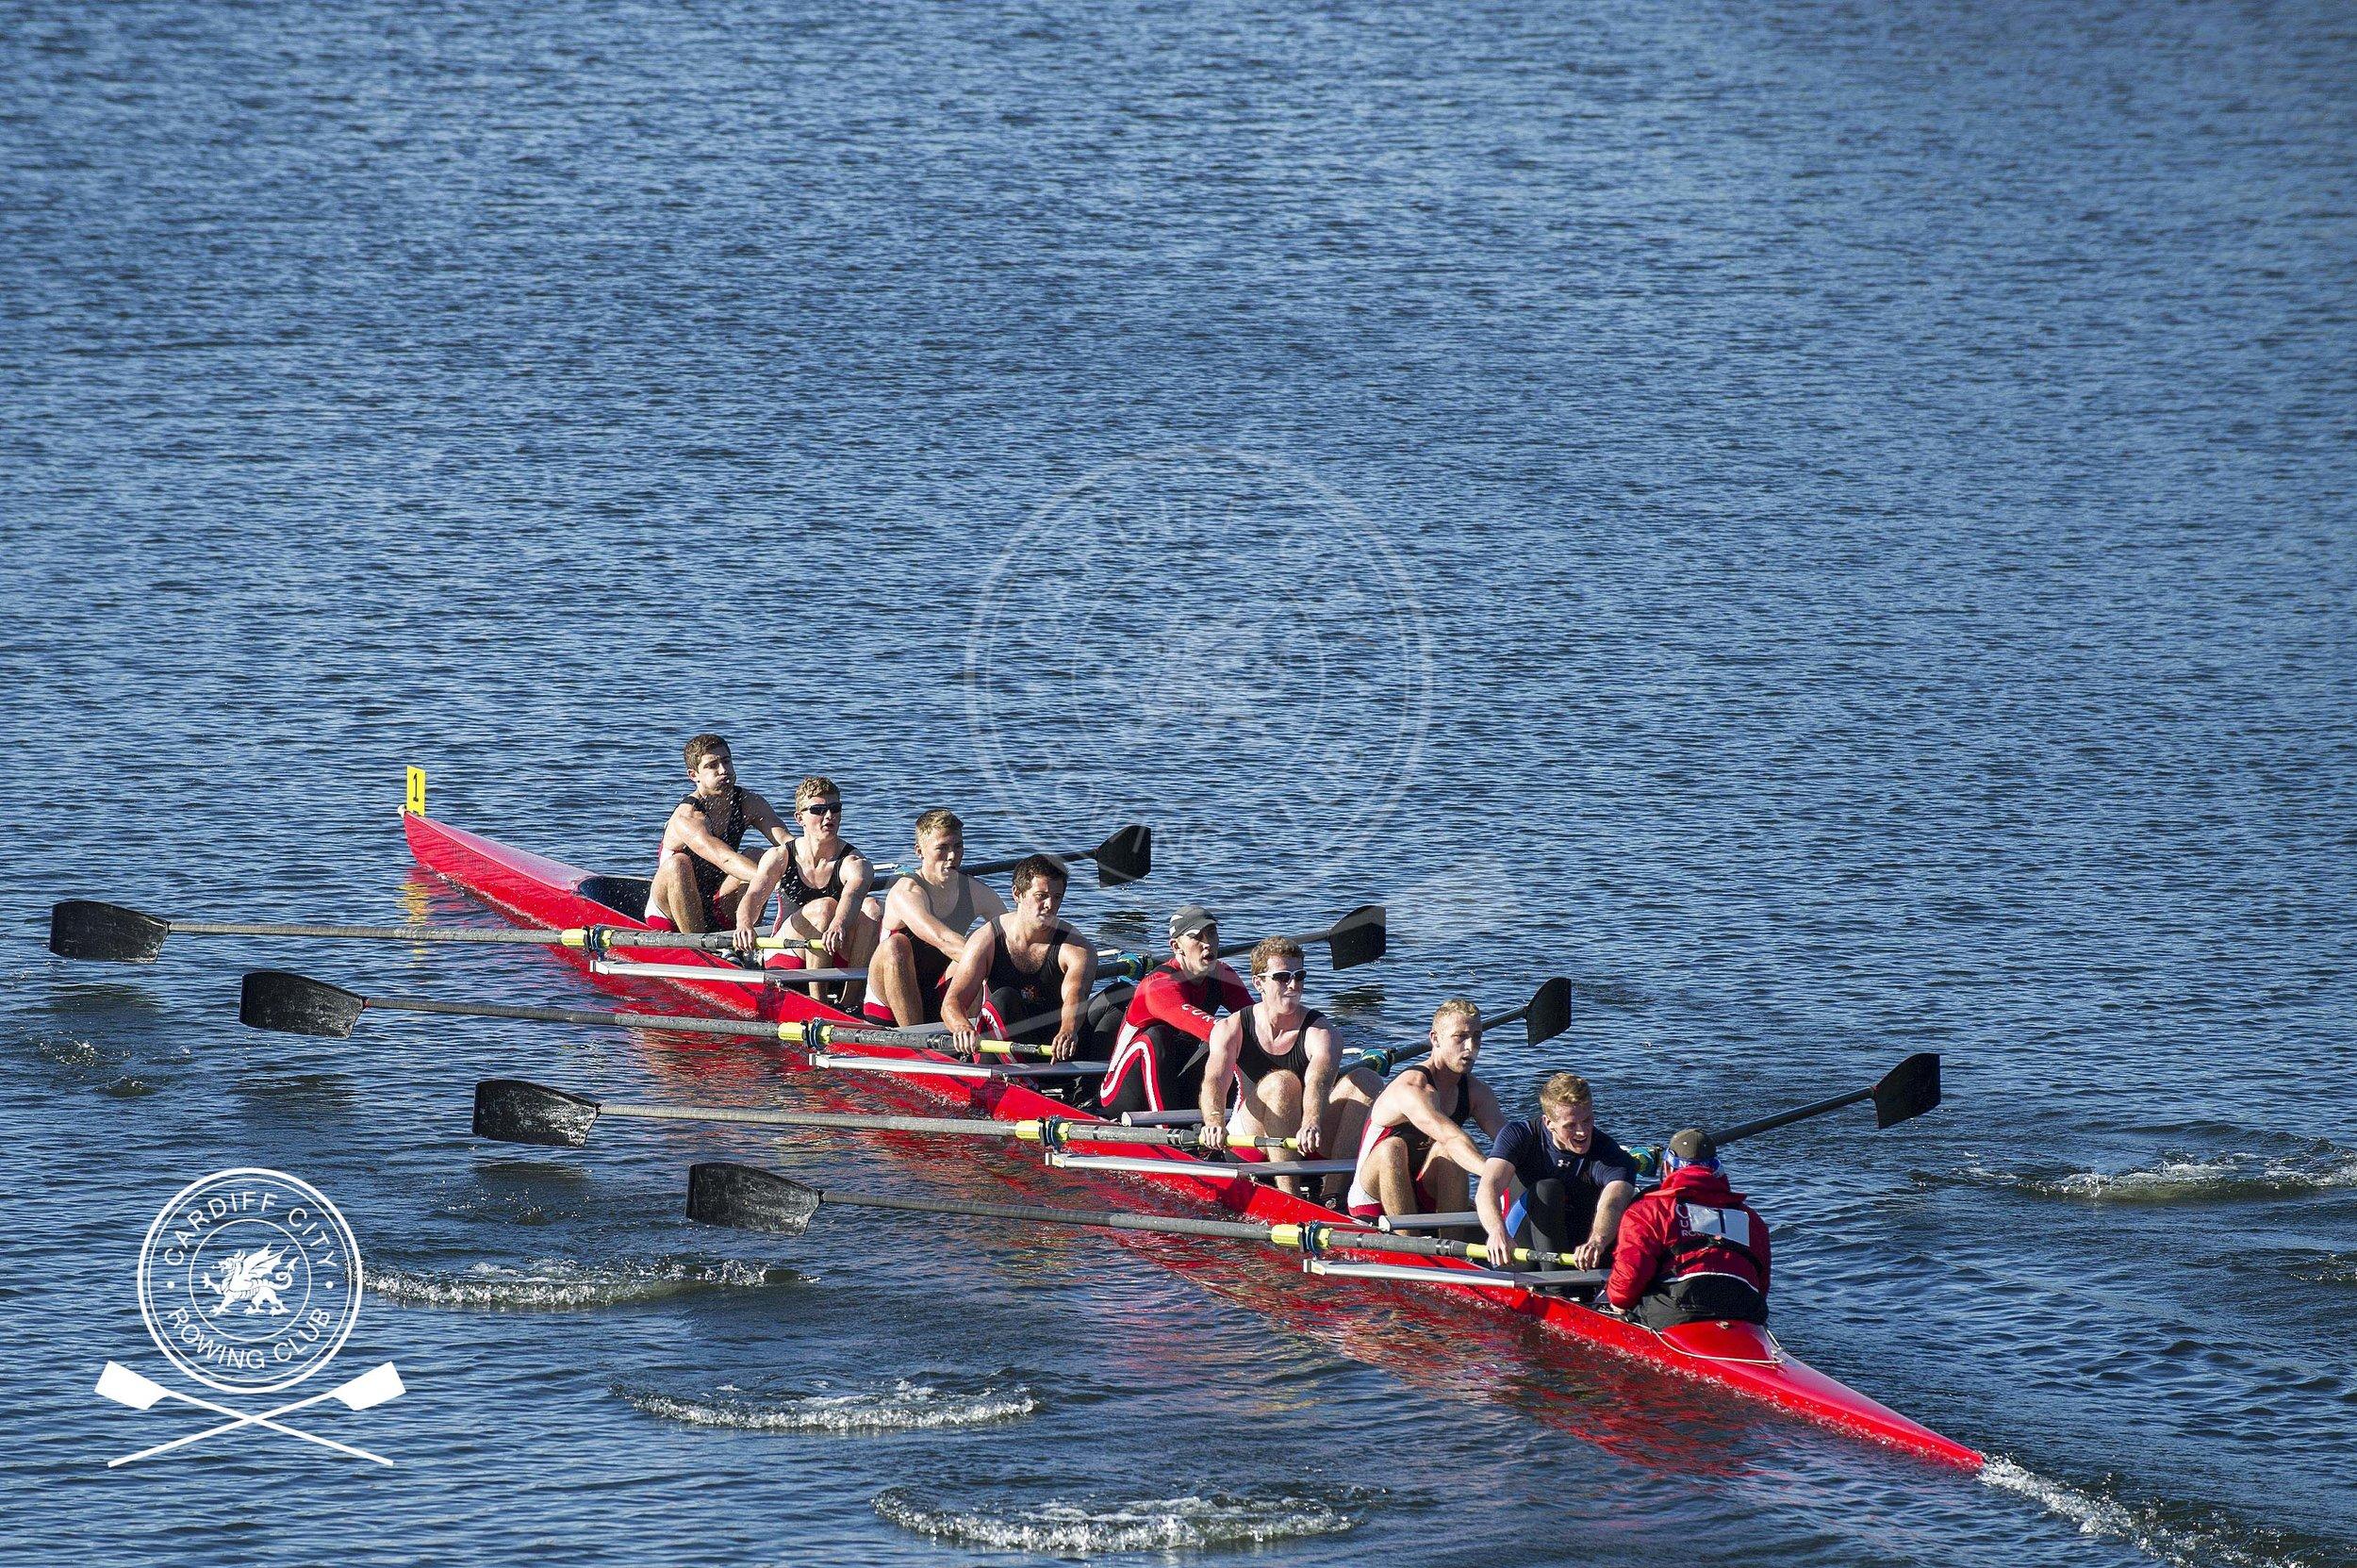 Cardiff_City_Head_Race_06.jpg